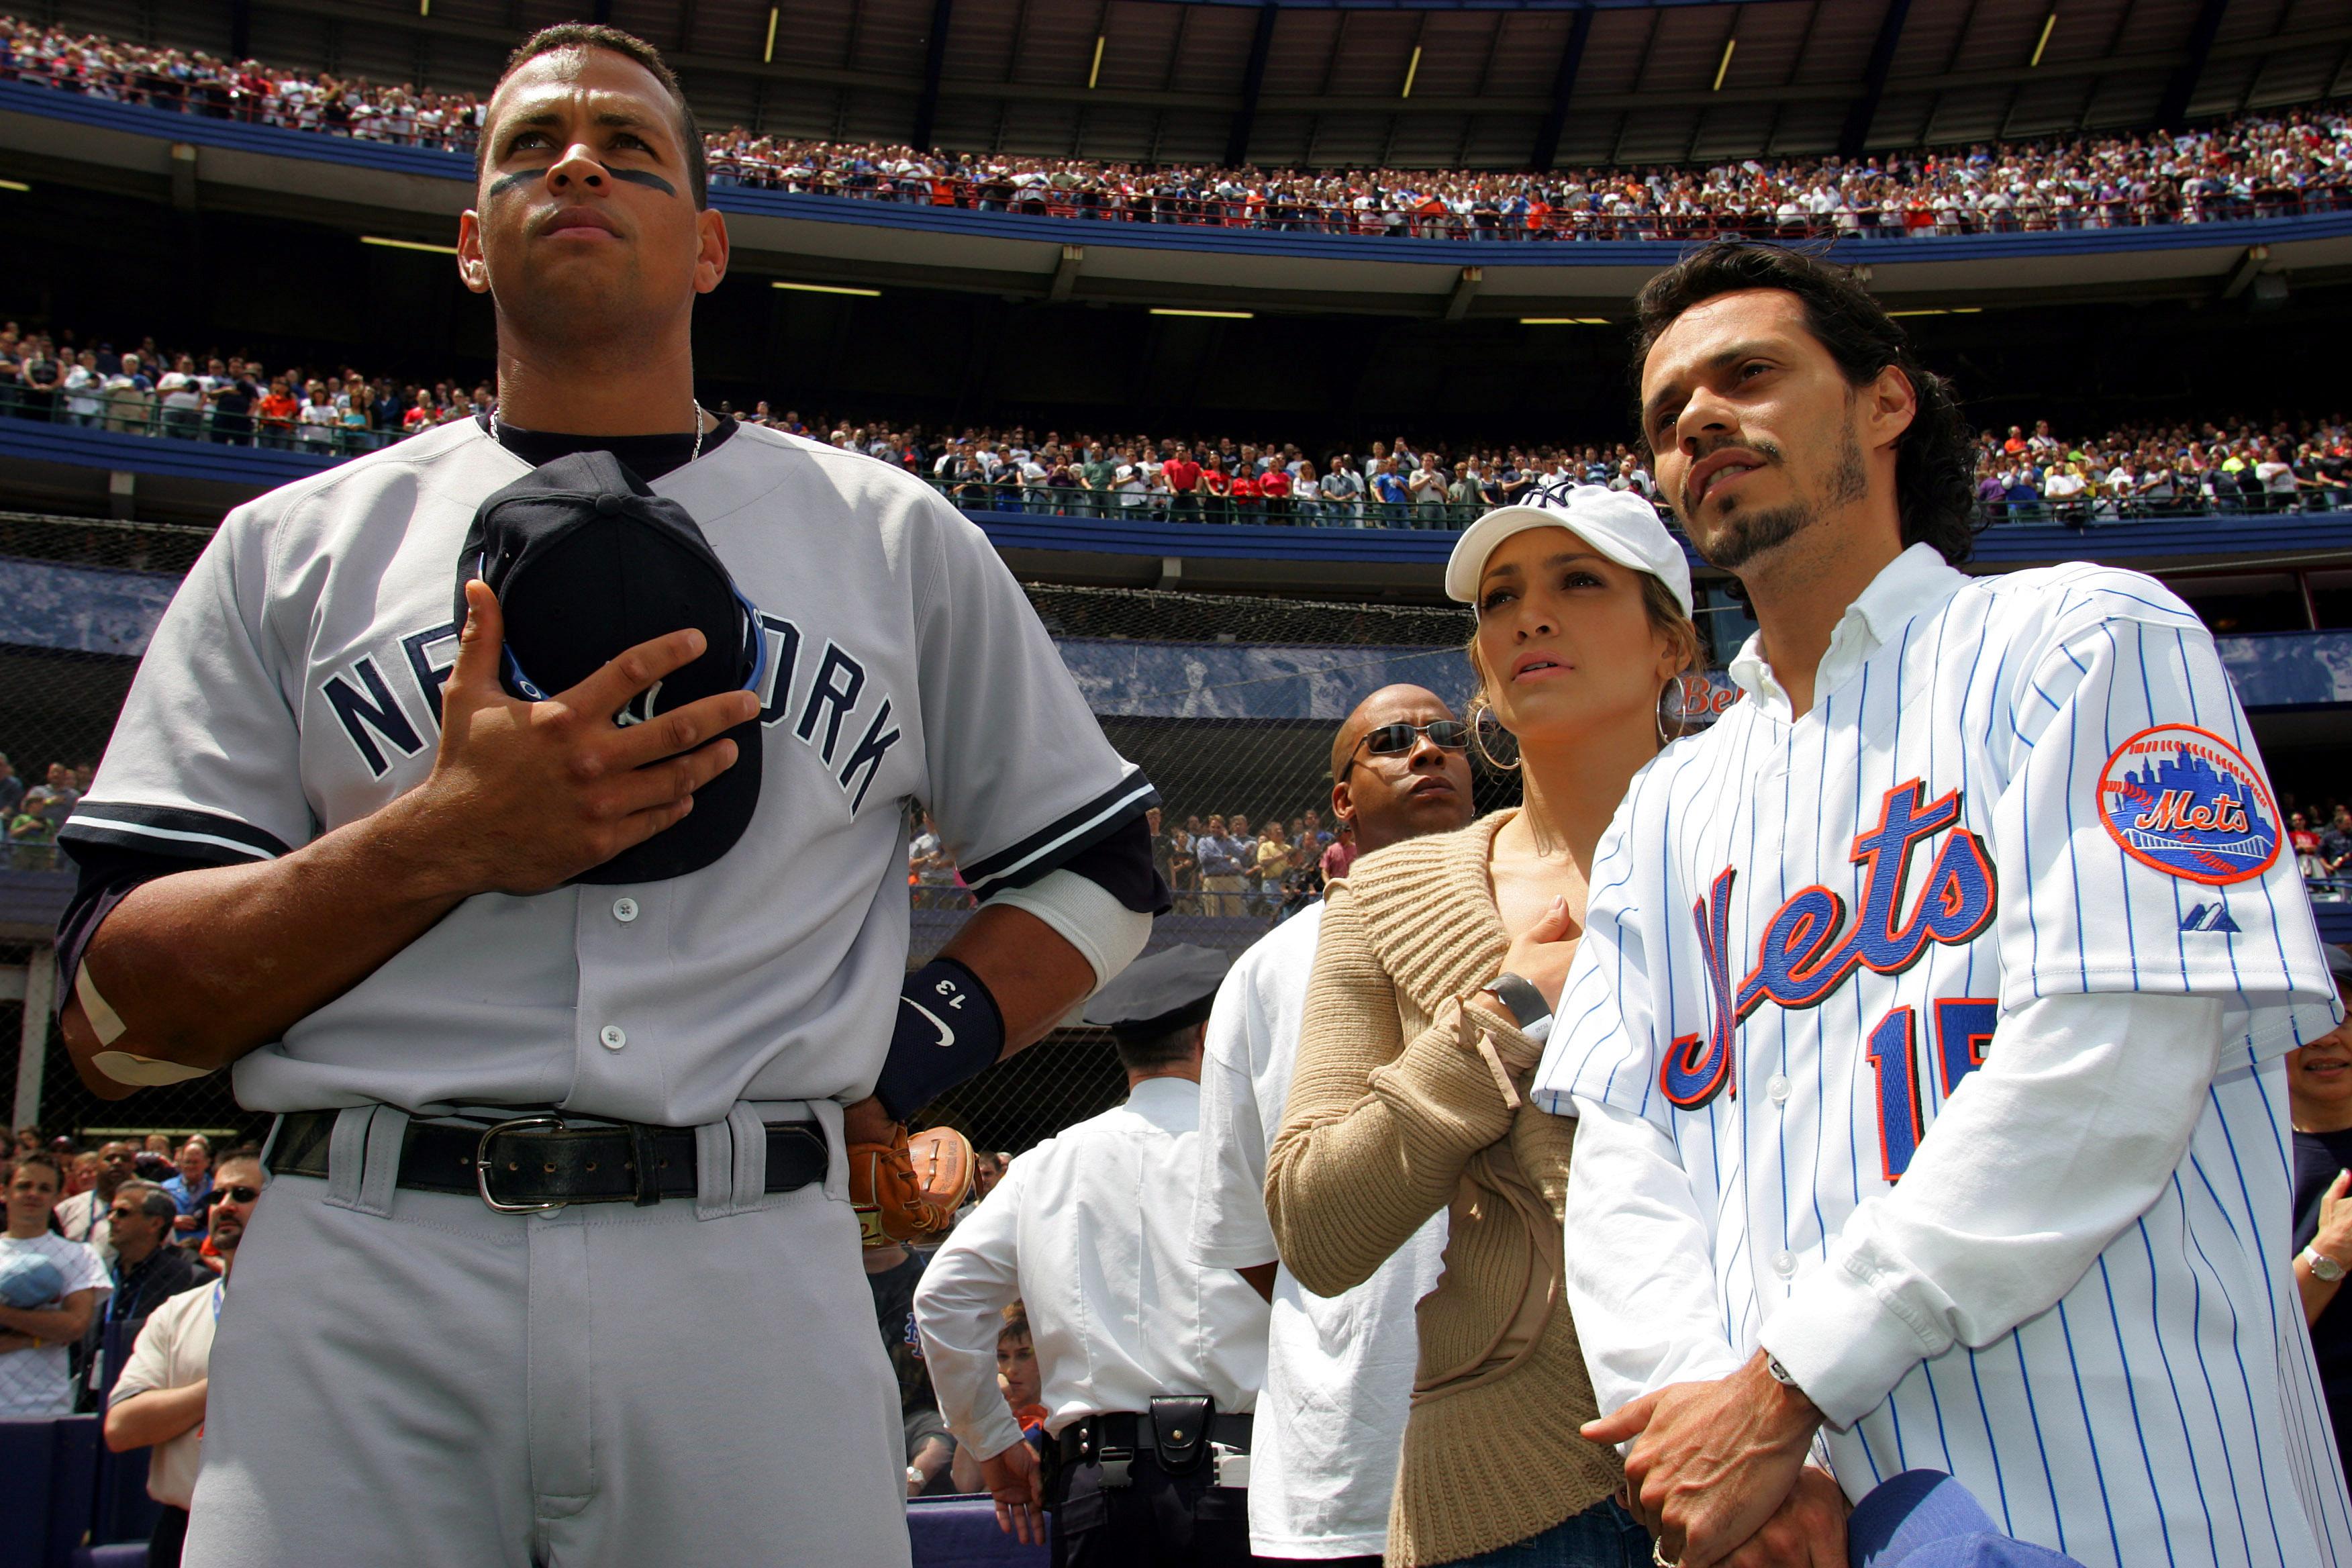 Дженнифер Лопес, Алекс Родригес и Марк Энтони в 2005 году